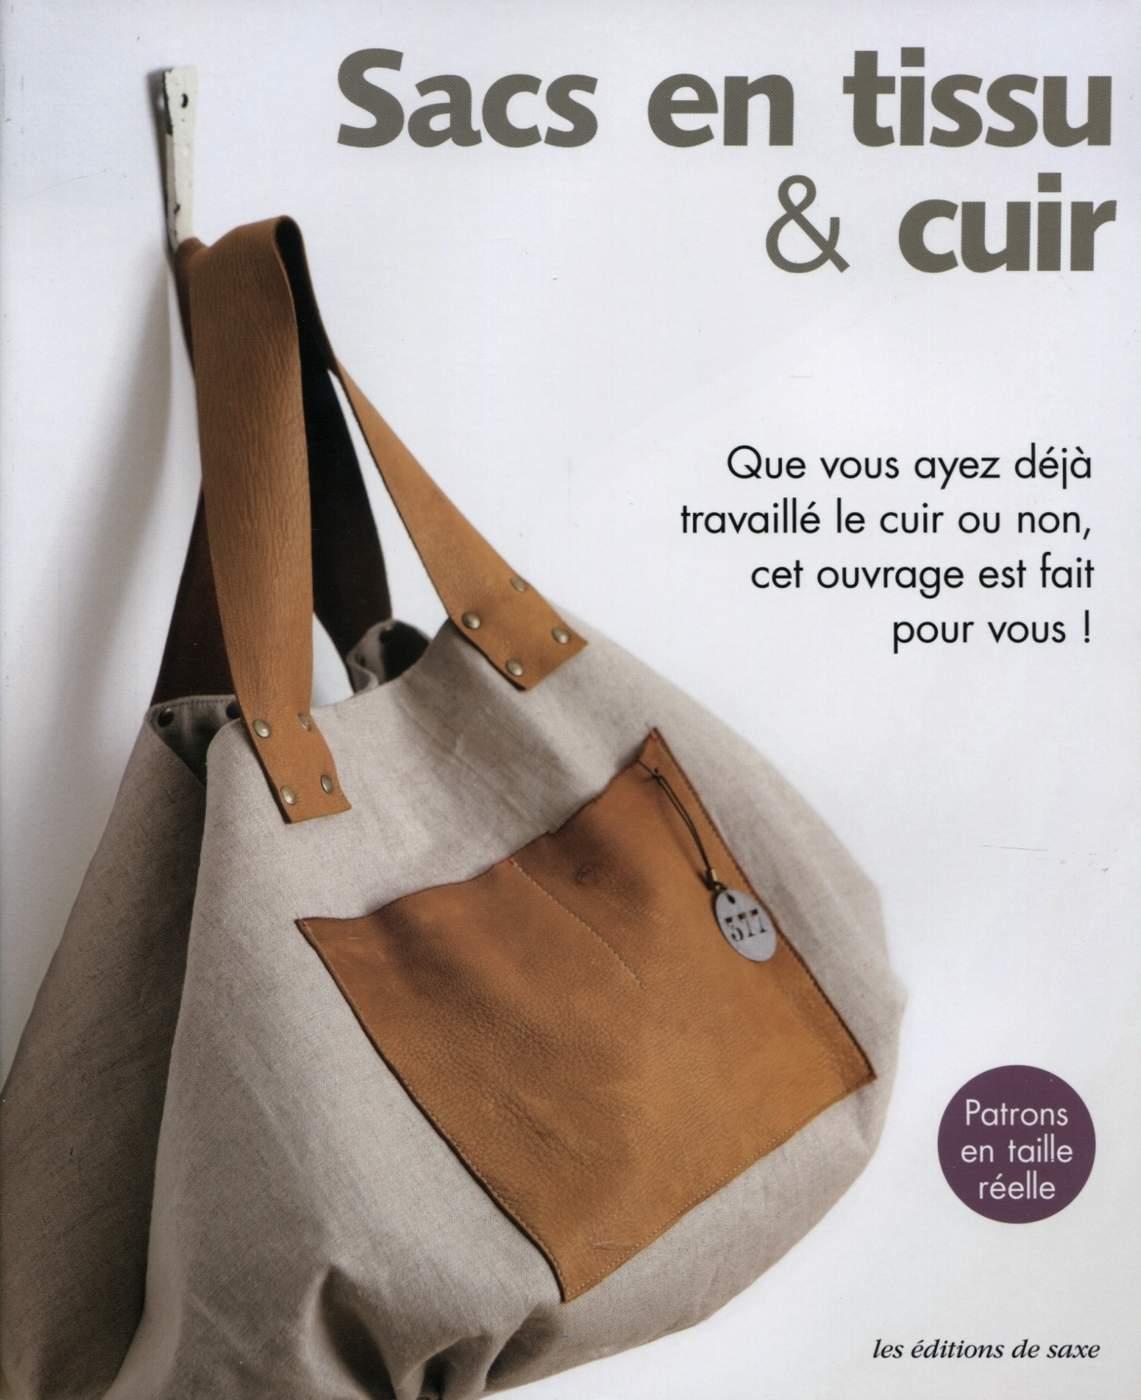 Eyrolles Sacs Éditions De Librairie Tissu Et Cuir Saxe Collectif En shQdrt